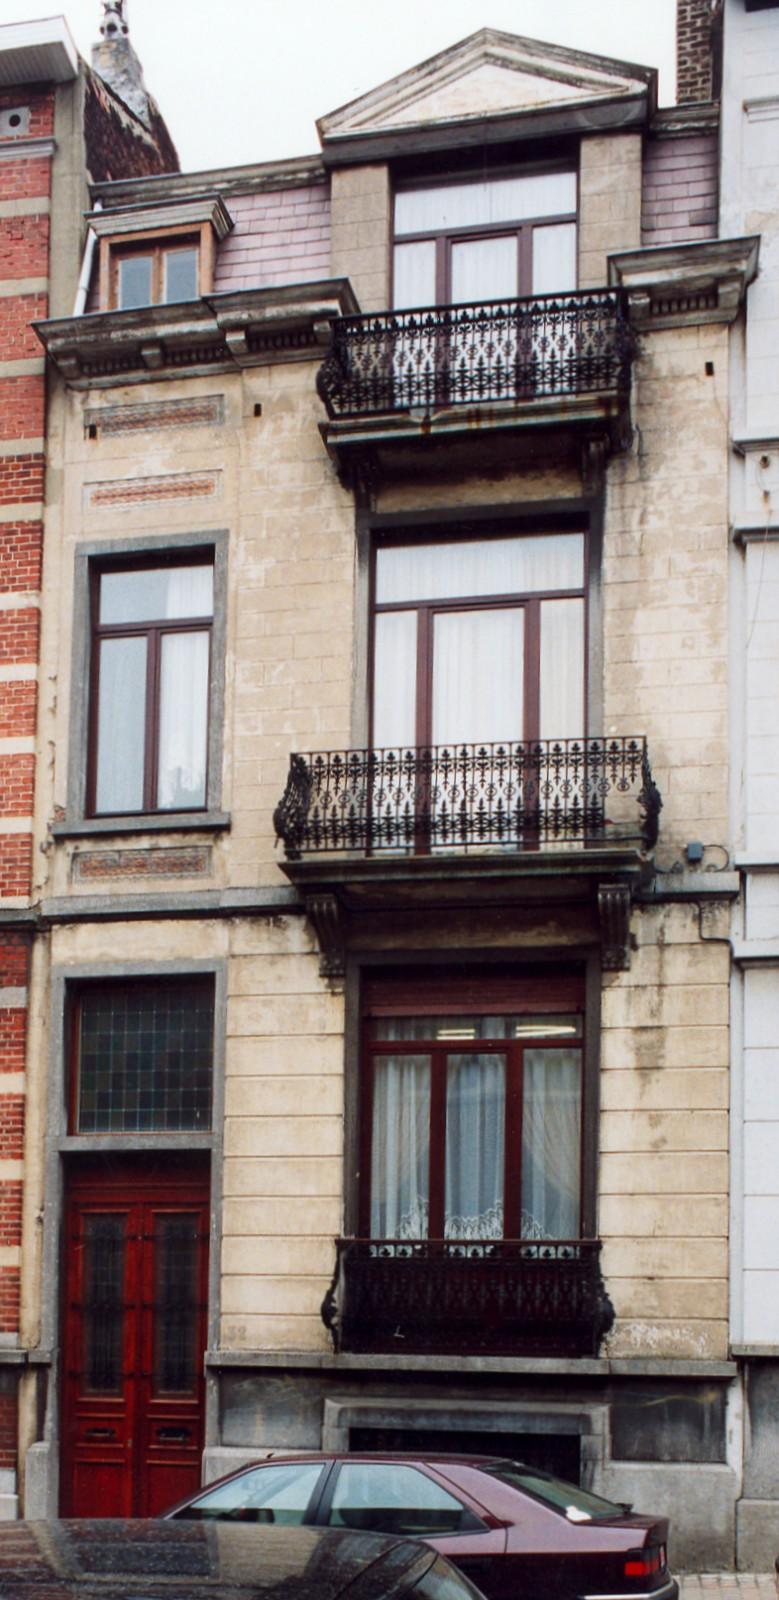 Rue des Etudiants 32., 2003